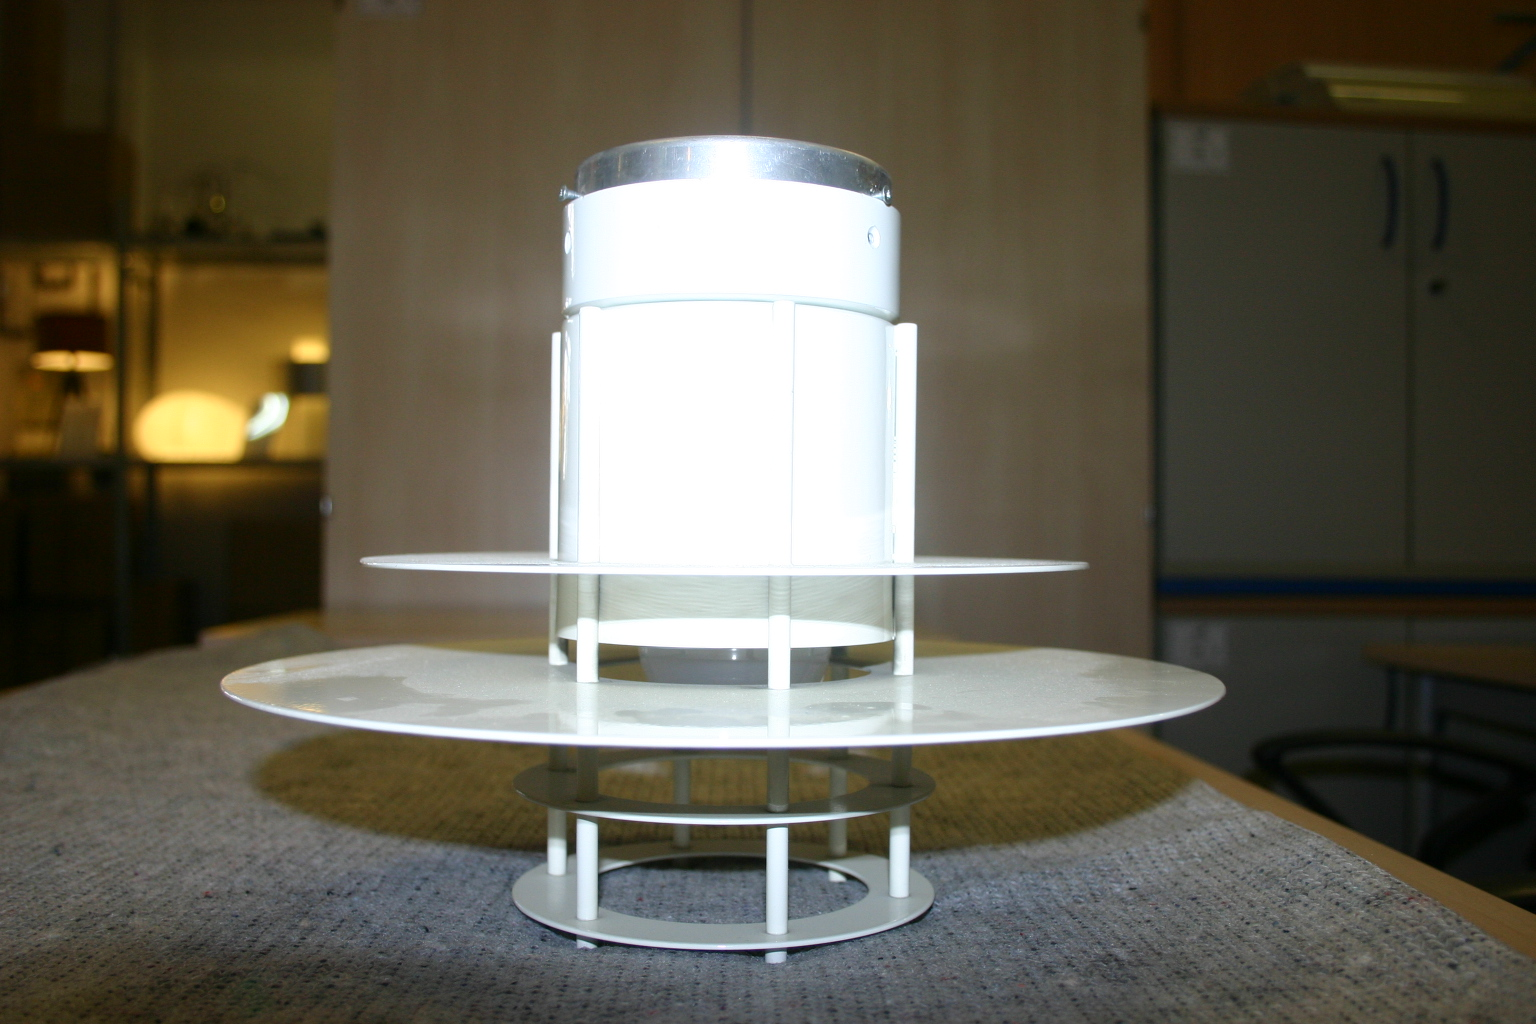 designer deckenlampe von louis poulsen oder m ller jensen. Black Bedroom Furniture Sets. Home Design Ideas